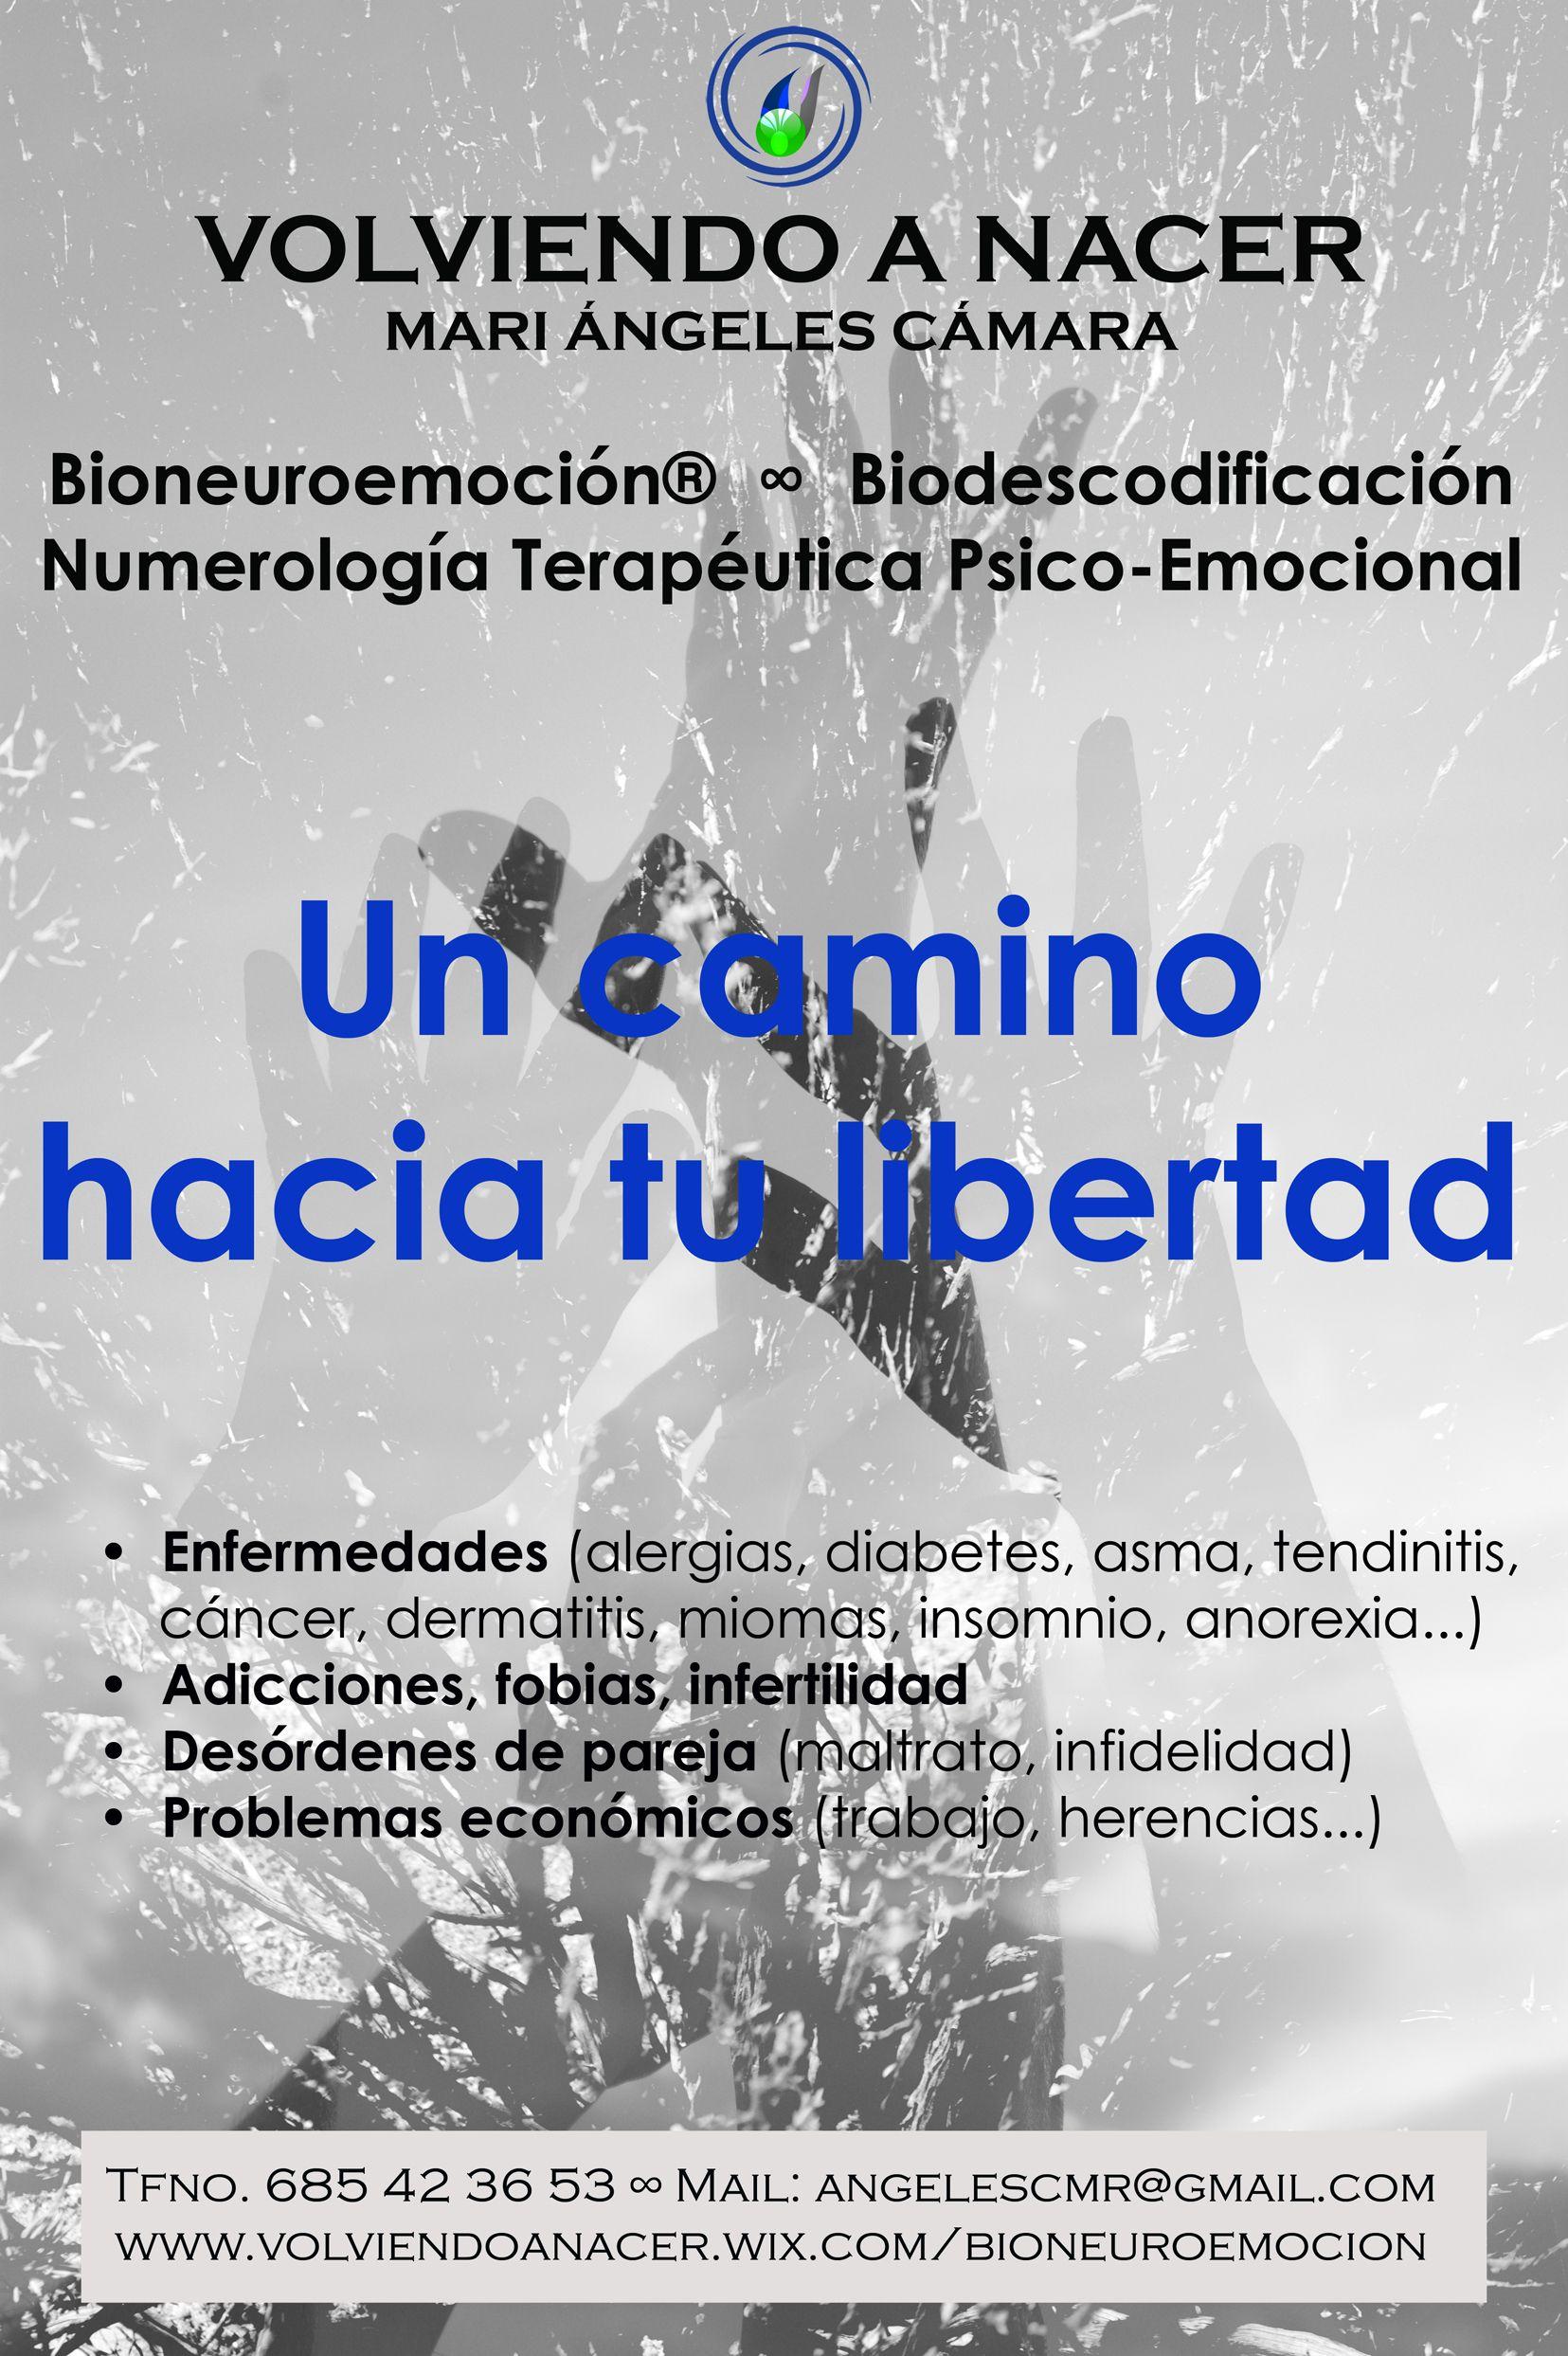 Volviendo a Nacer Mª Ángeles Cámara BioNeuroEmoción® Alcobendas Madrid